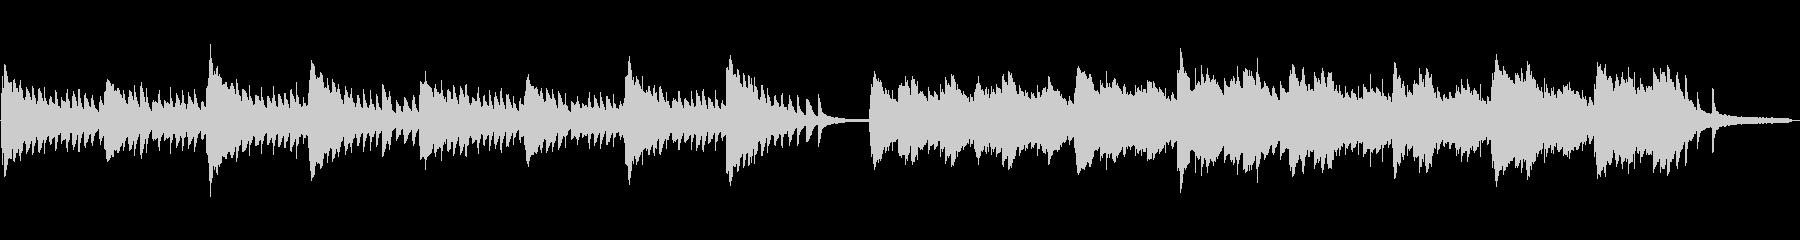 企業VP・CM用60秒の切ないピアノソロの未再生の波形